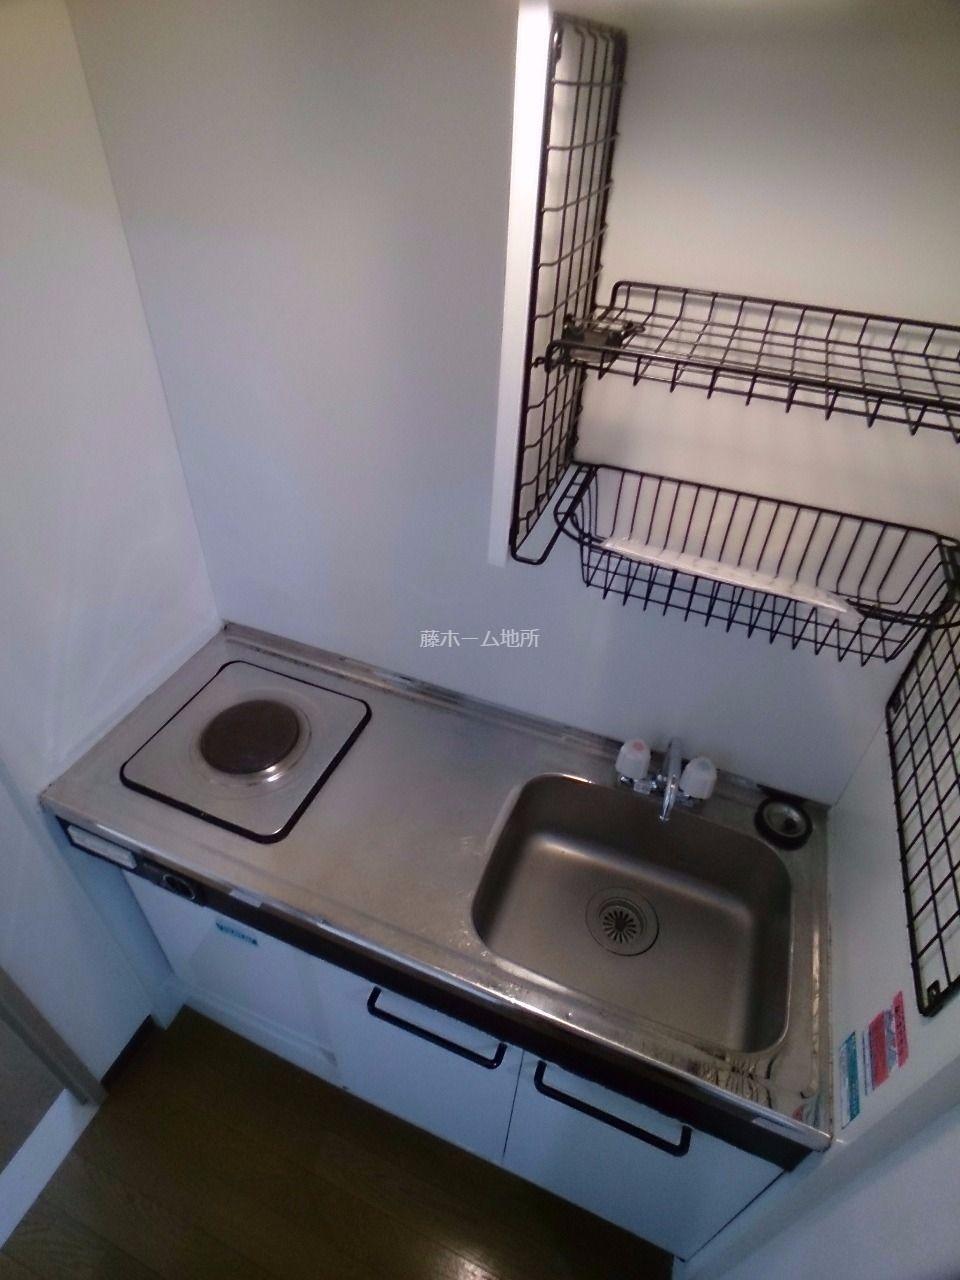 ミニ冷蔵庫付です お持ちの冷蔵庫はお部屋か玄関横に置けます